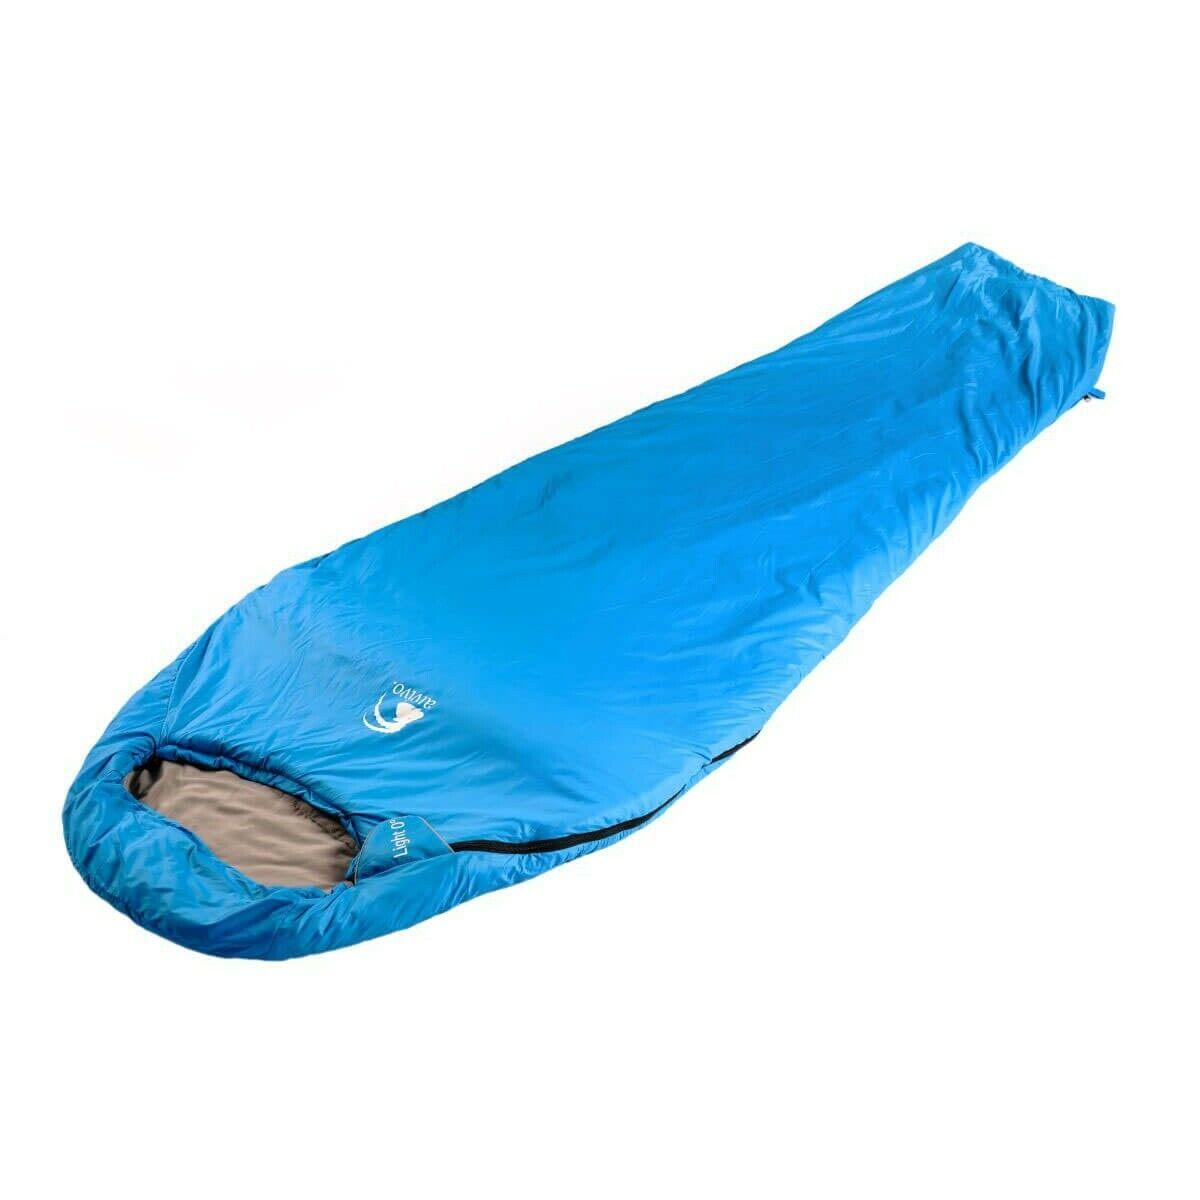 Alvivo light 0 poliéster saco de dormir azul